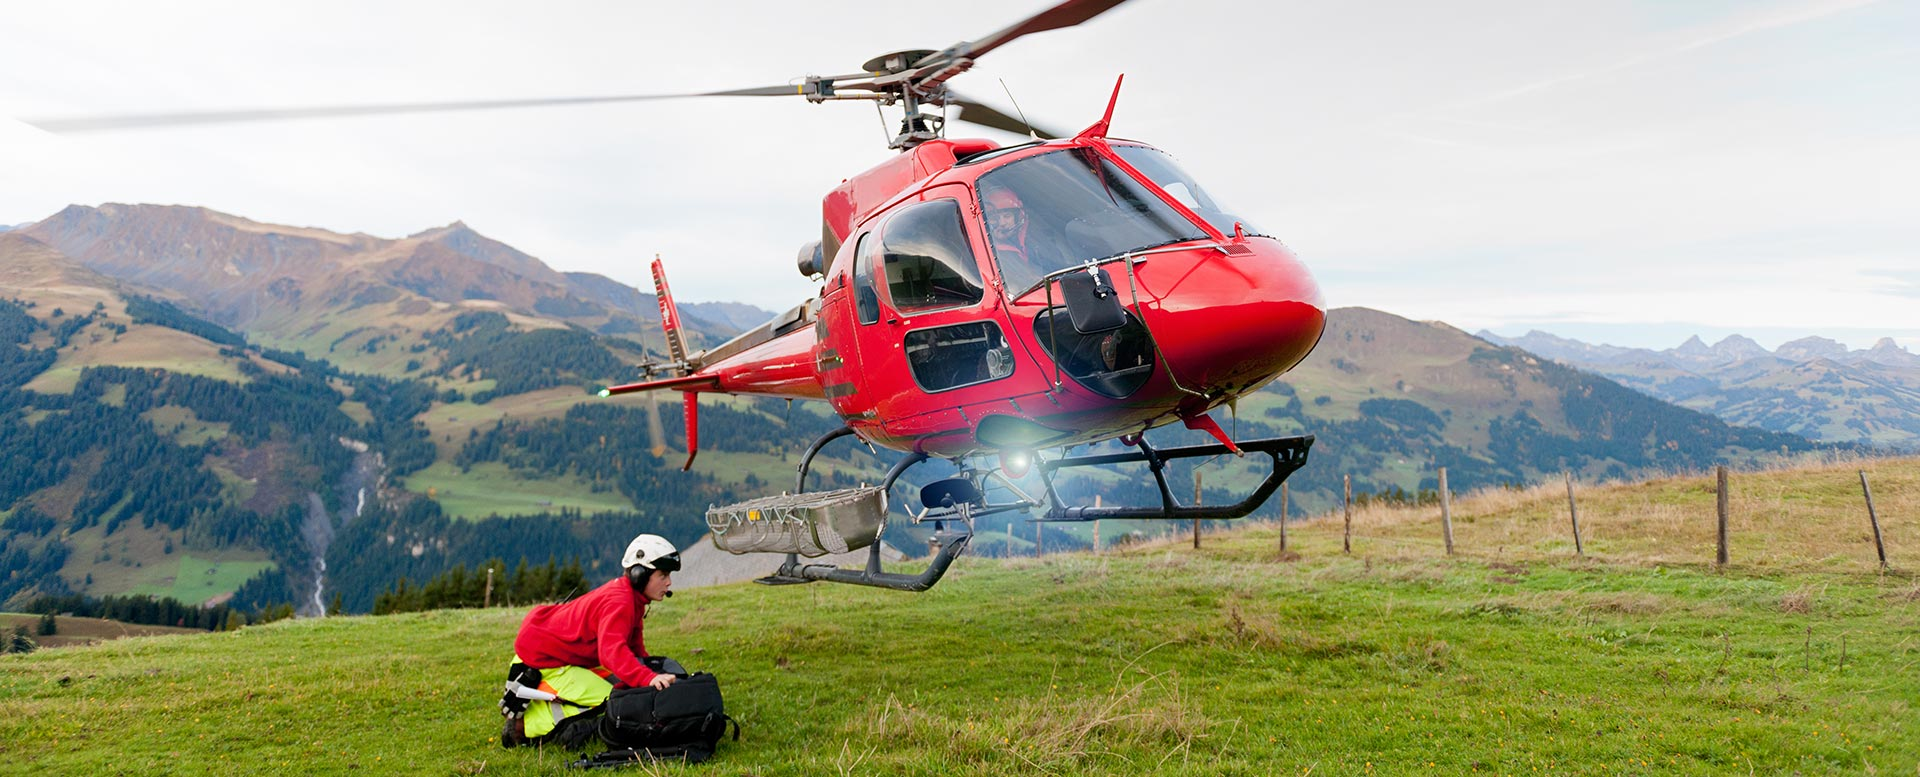 Bergrettung mit Hubschrauber